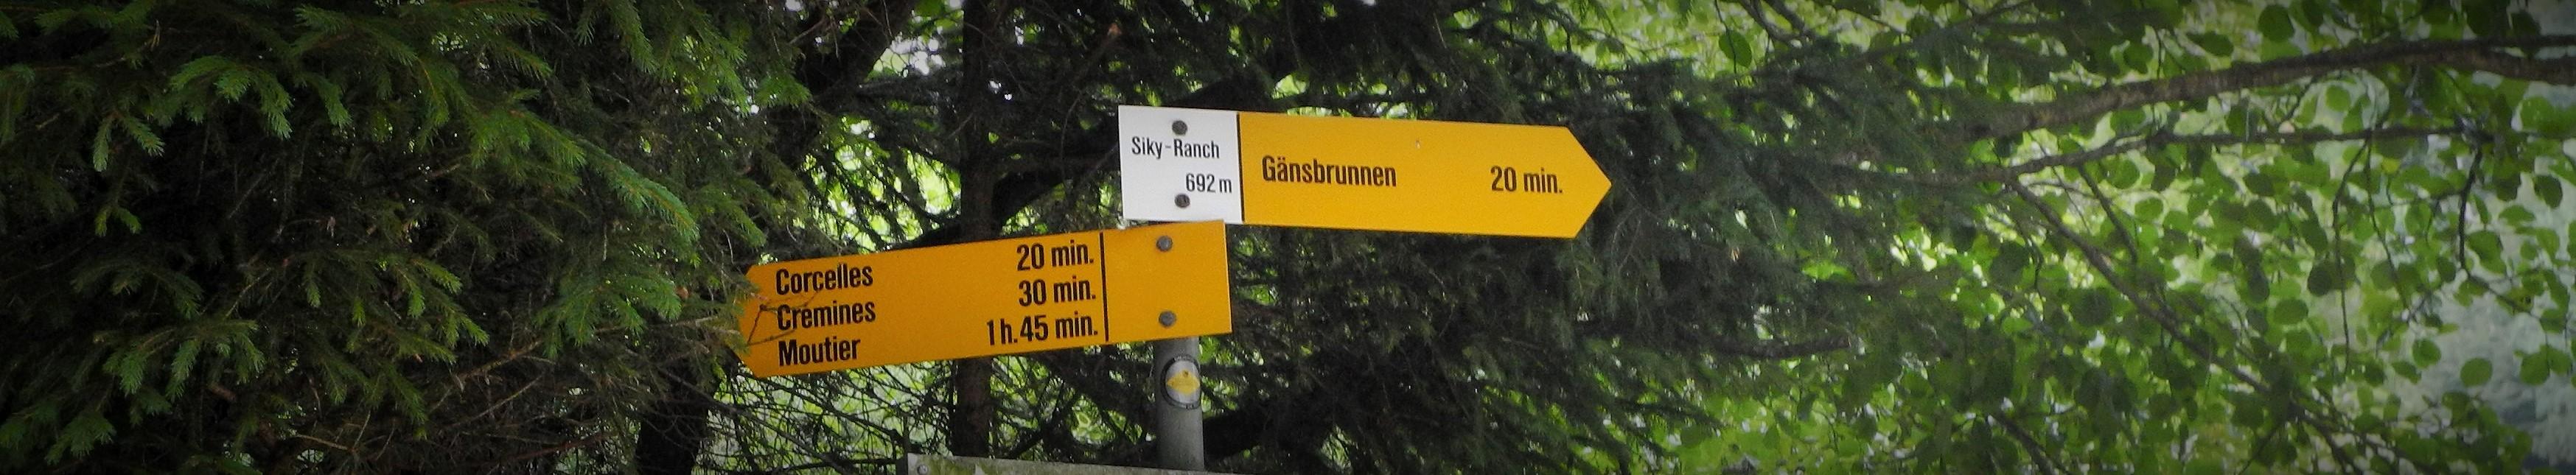 Weissensteintunnel Sanierung – Tourismus Jura